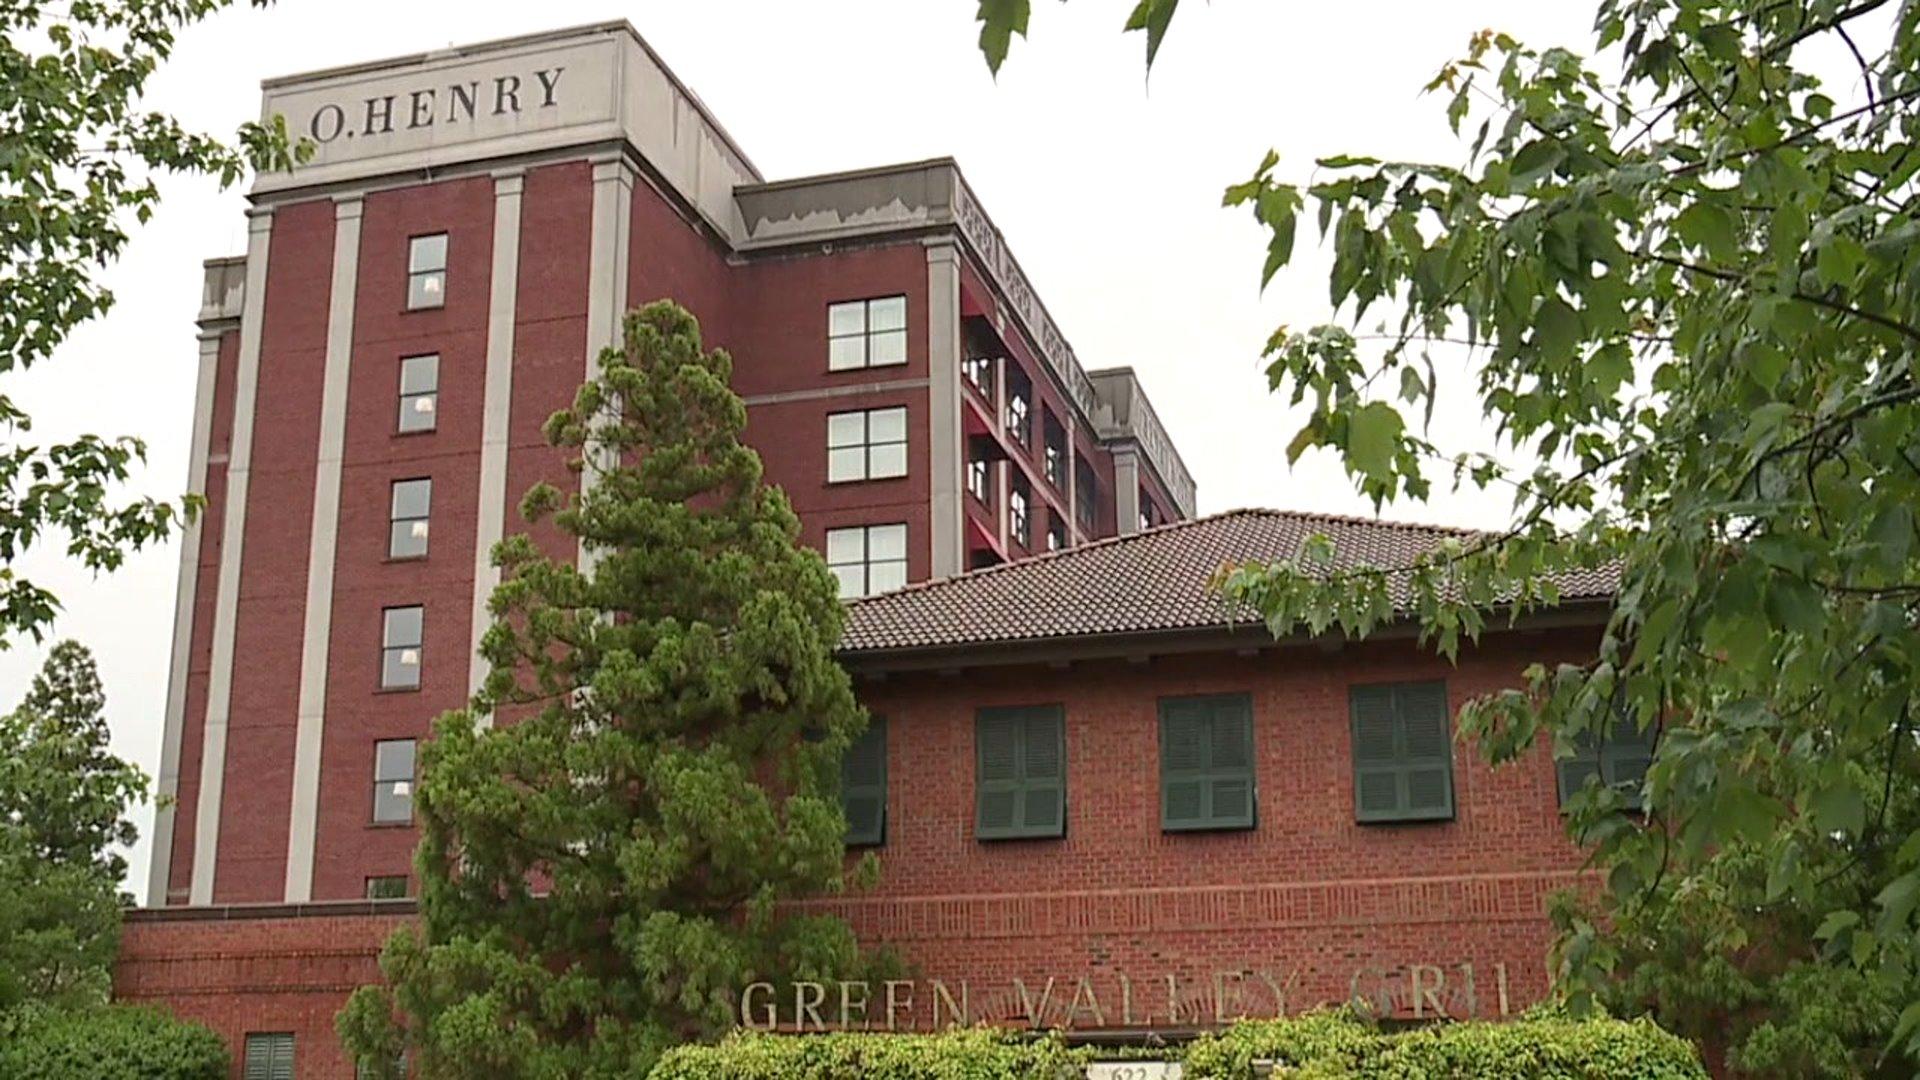 O.Henry Hotel (WGHP)